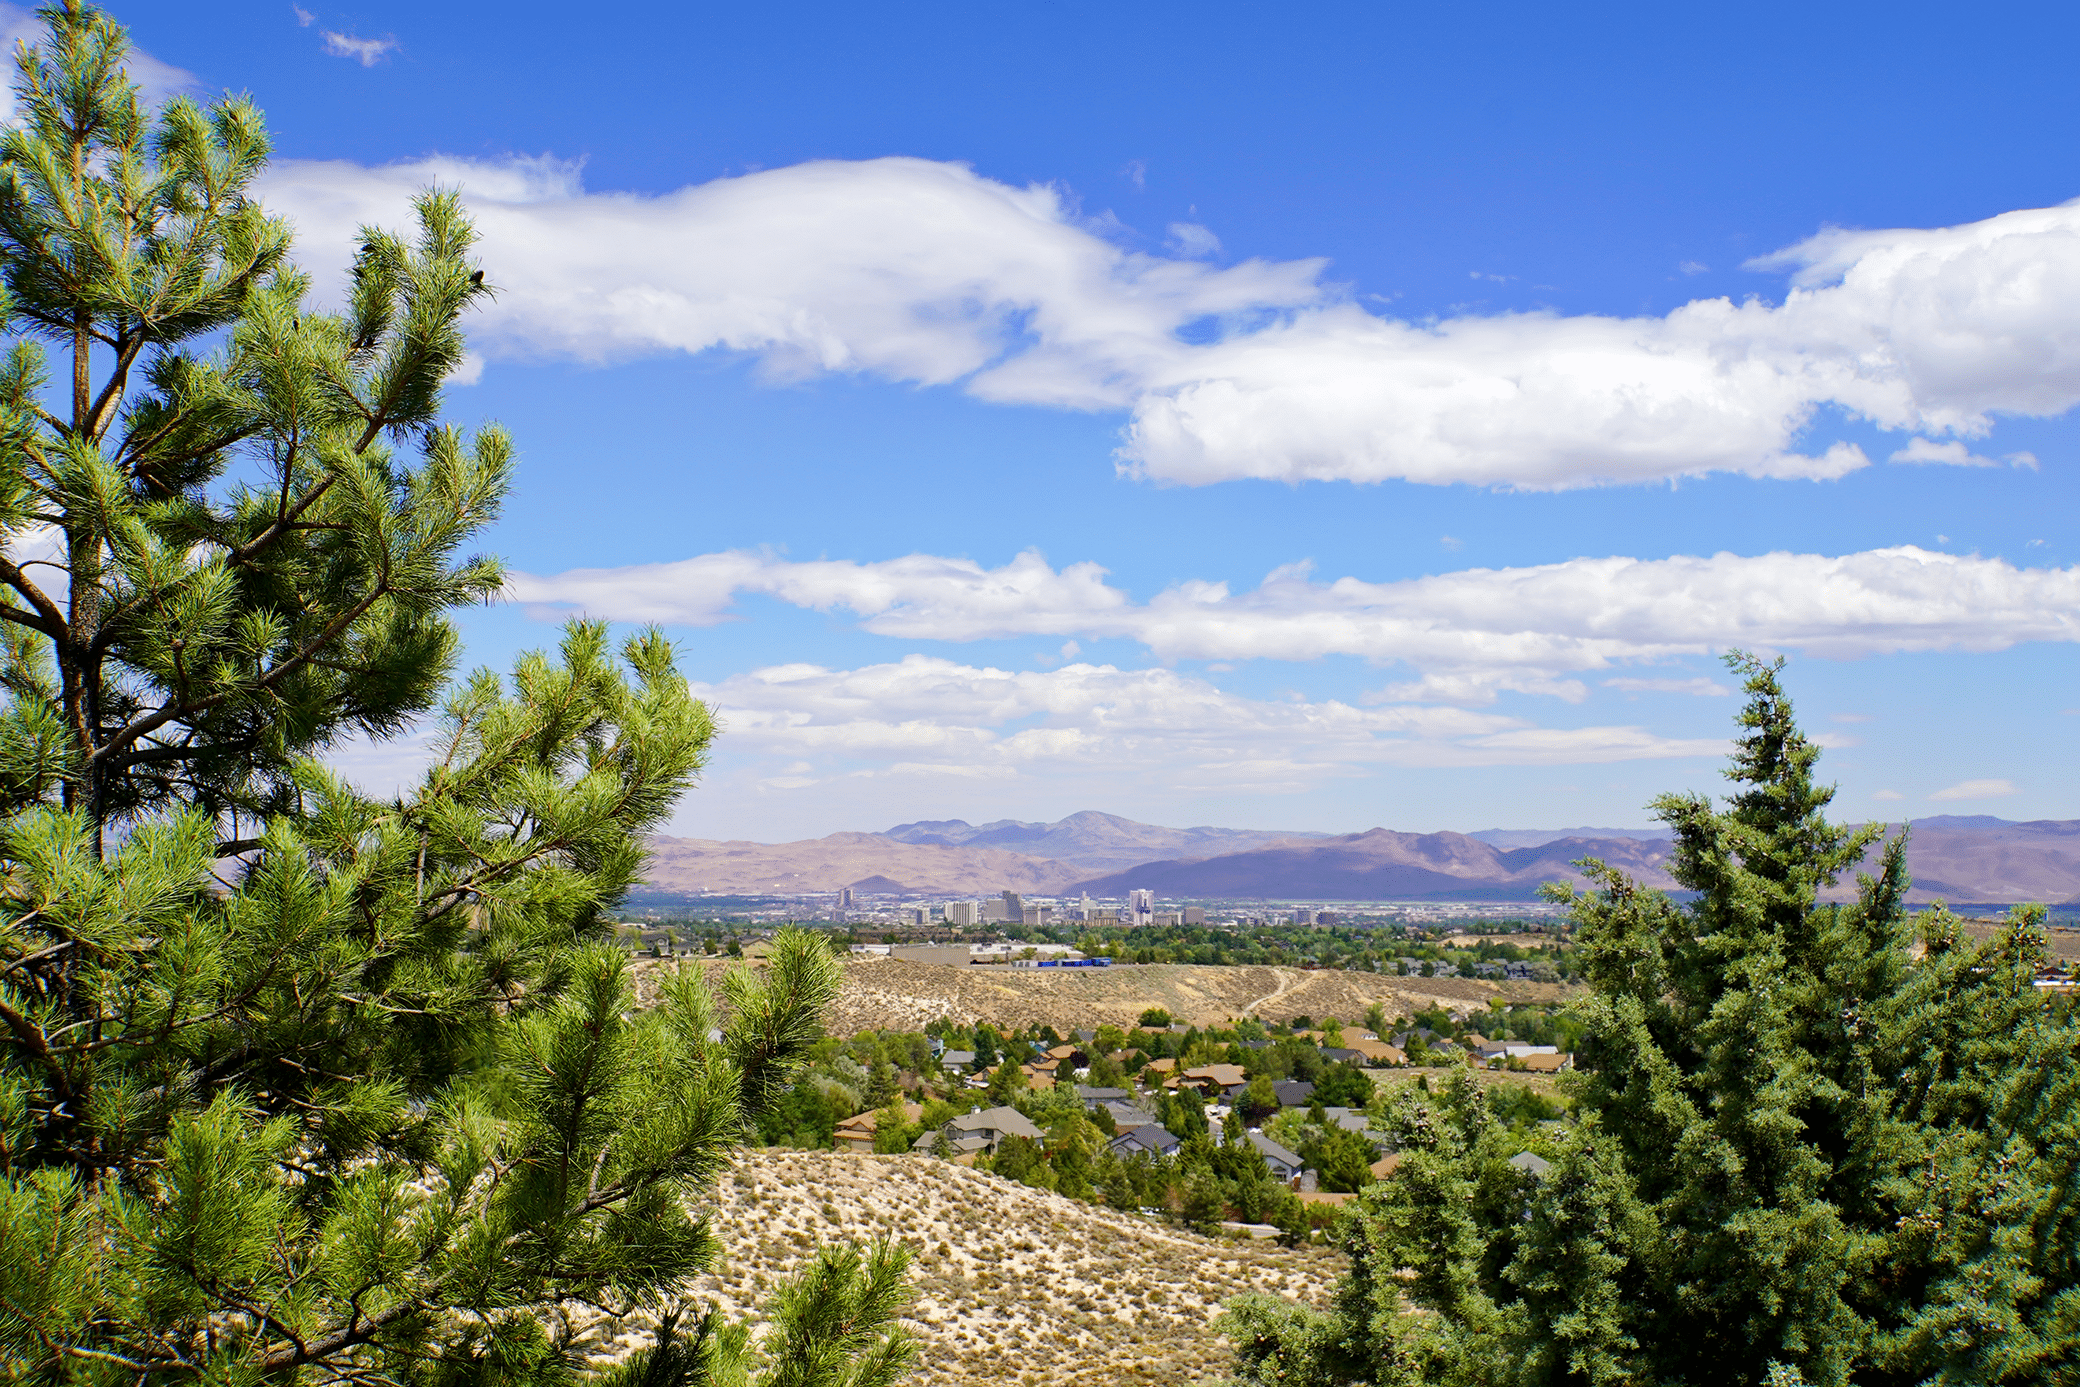 village-northwest-reno-nv-area